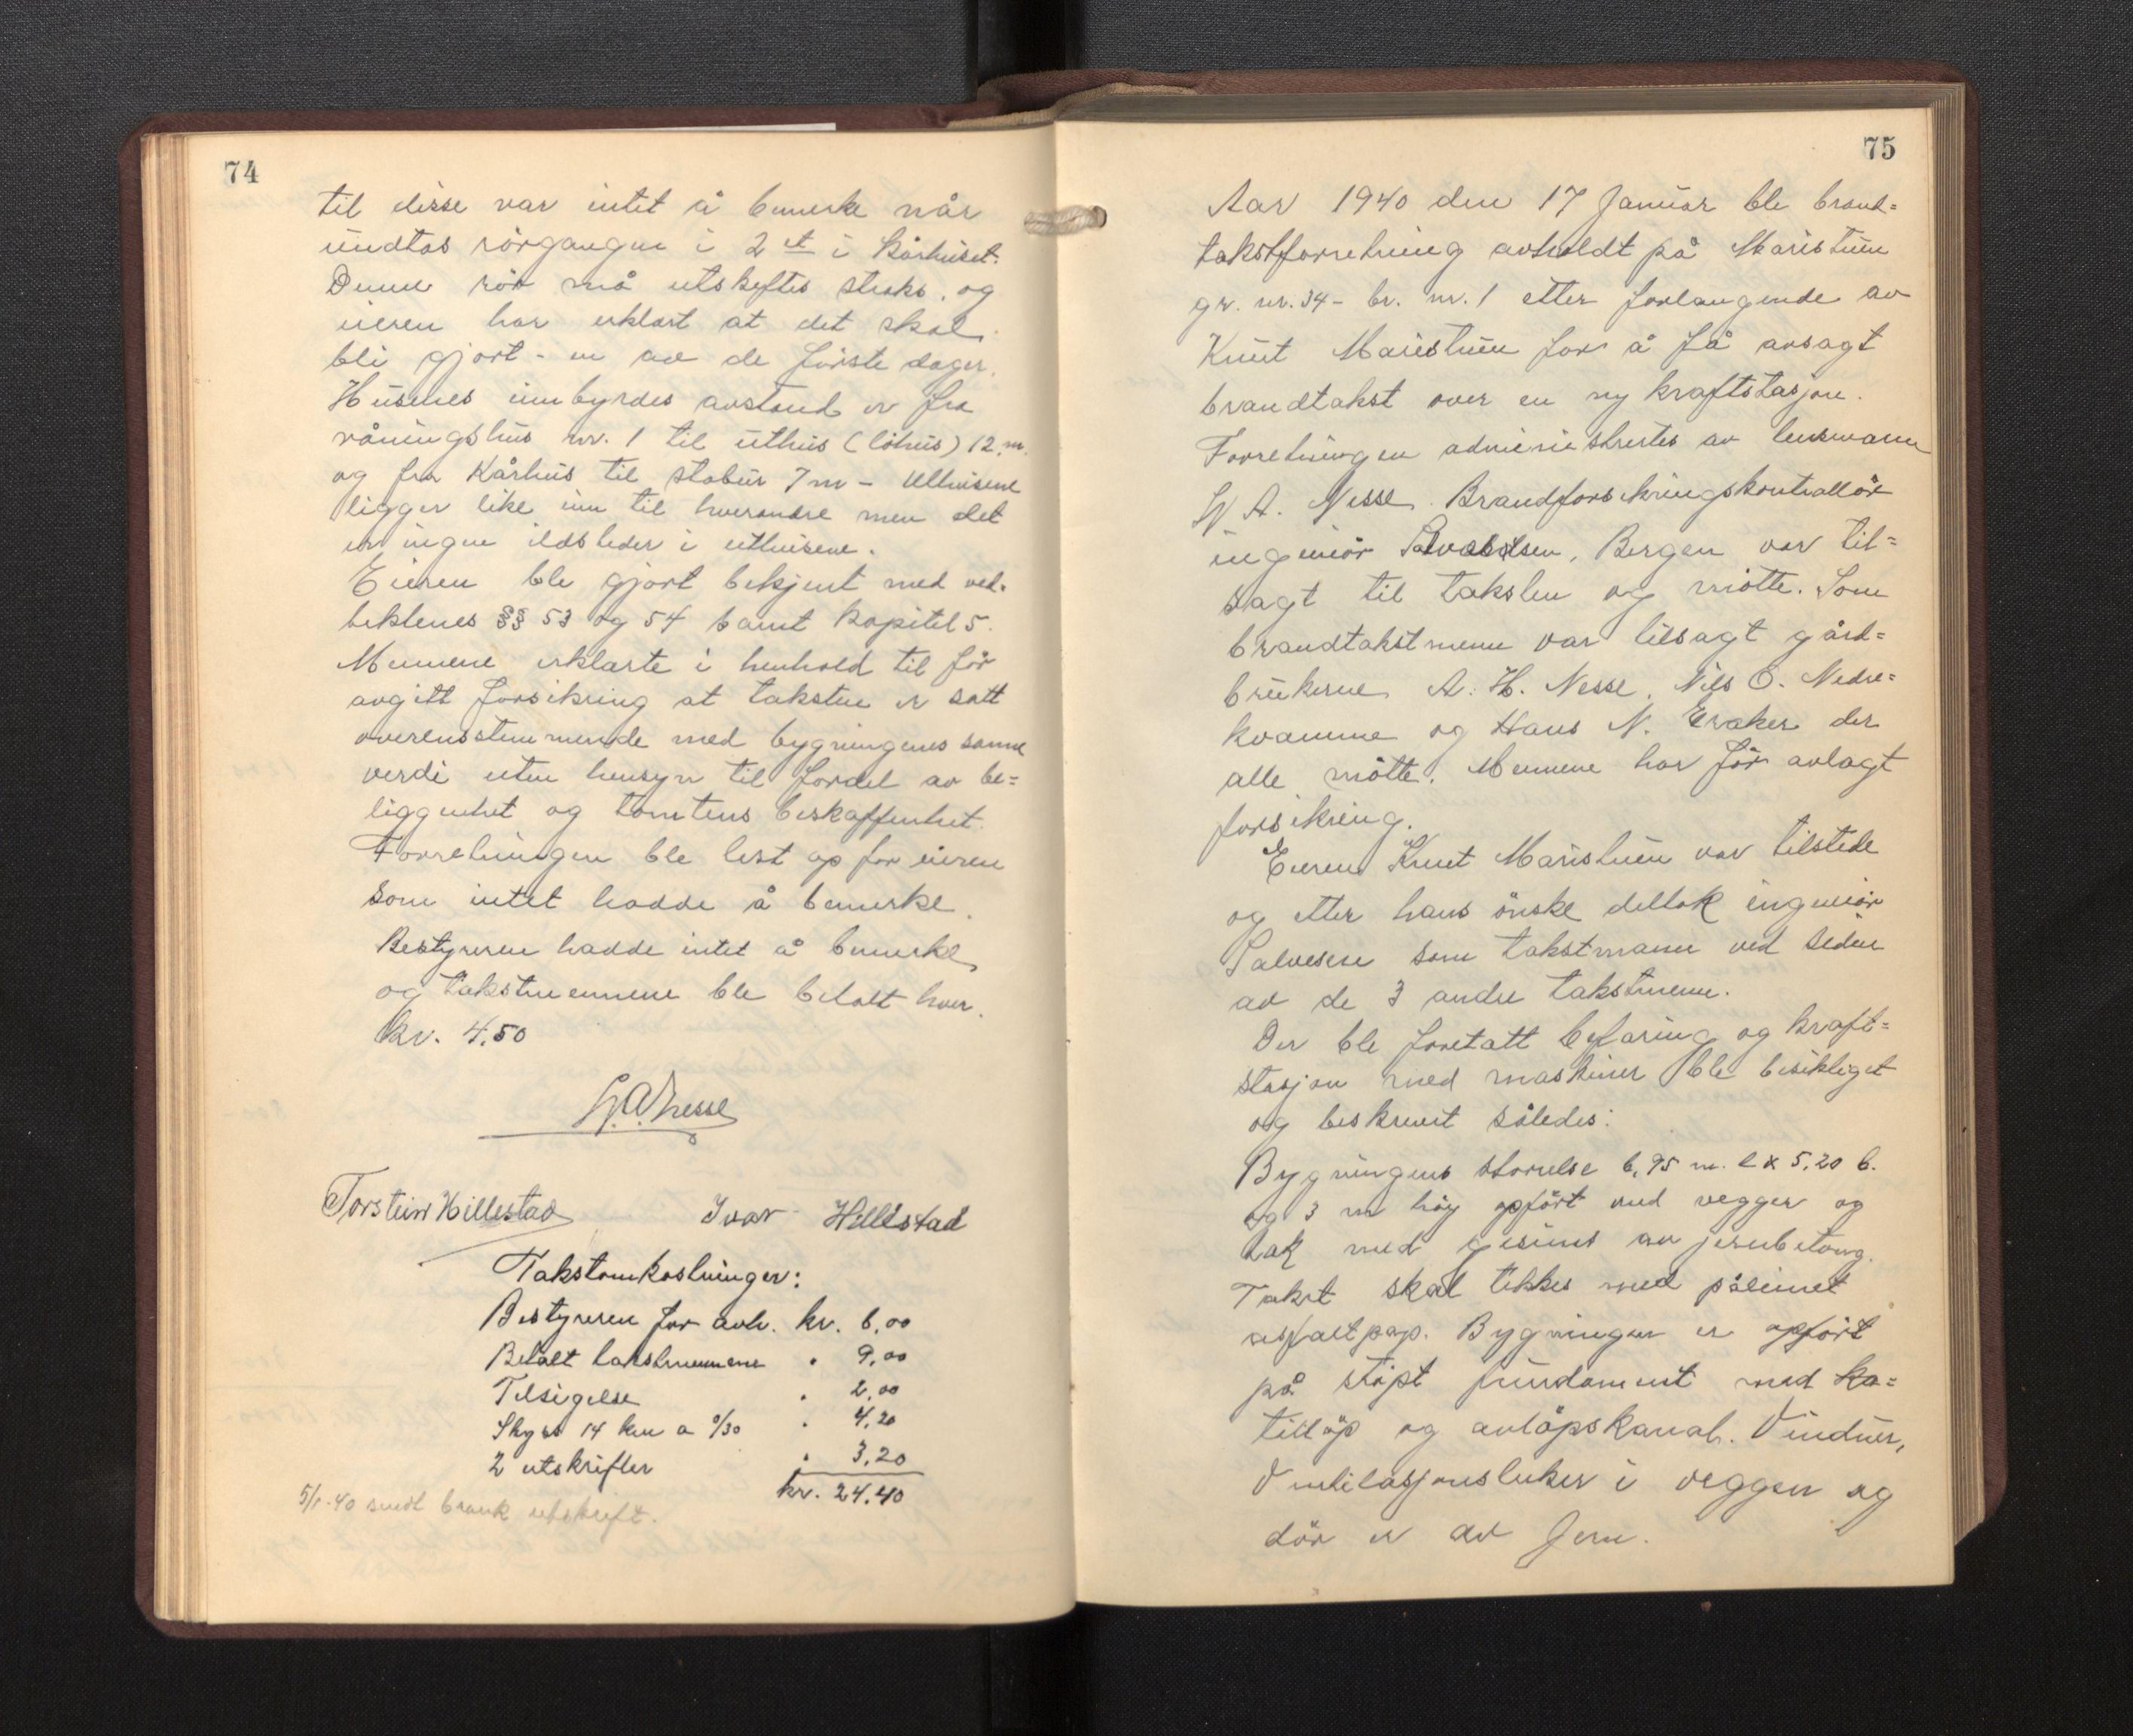 SAB, Lensmannen i Borgund, 0012/L0002: Branntakstprotokoll, 1929-1933, s. 74-75